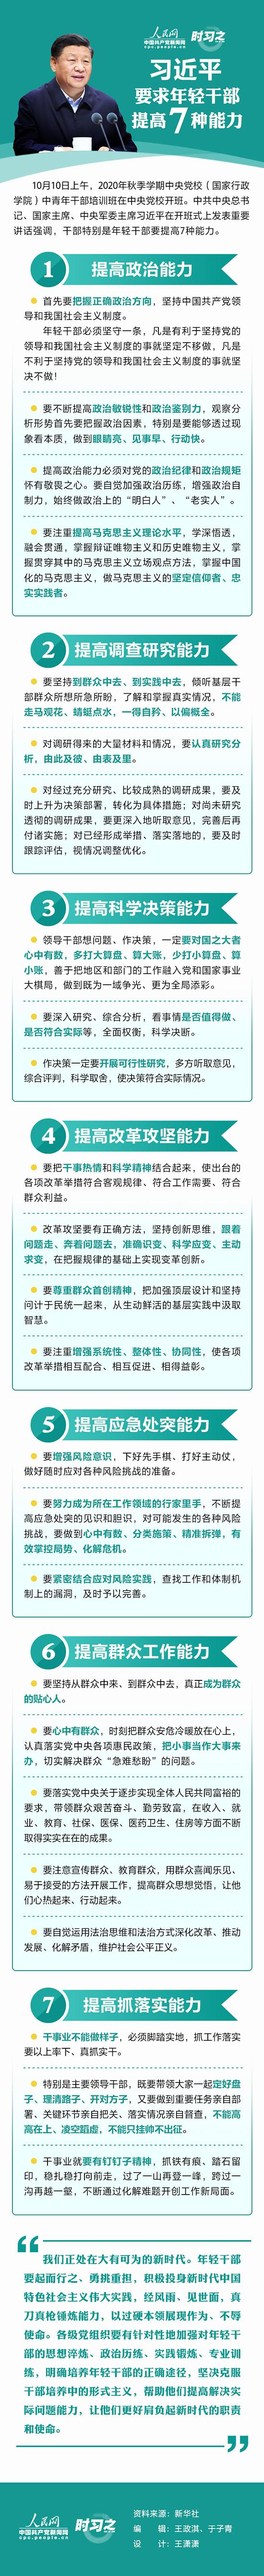 圖解:習近平要求年輕干部提高7種能力